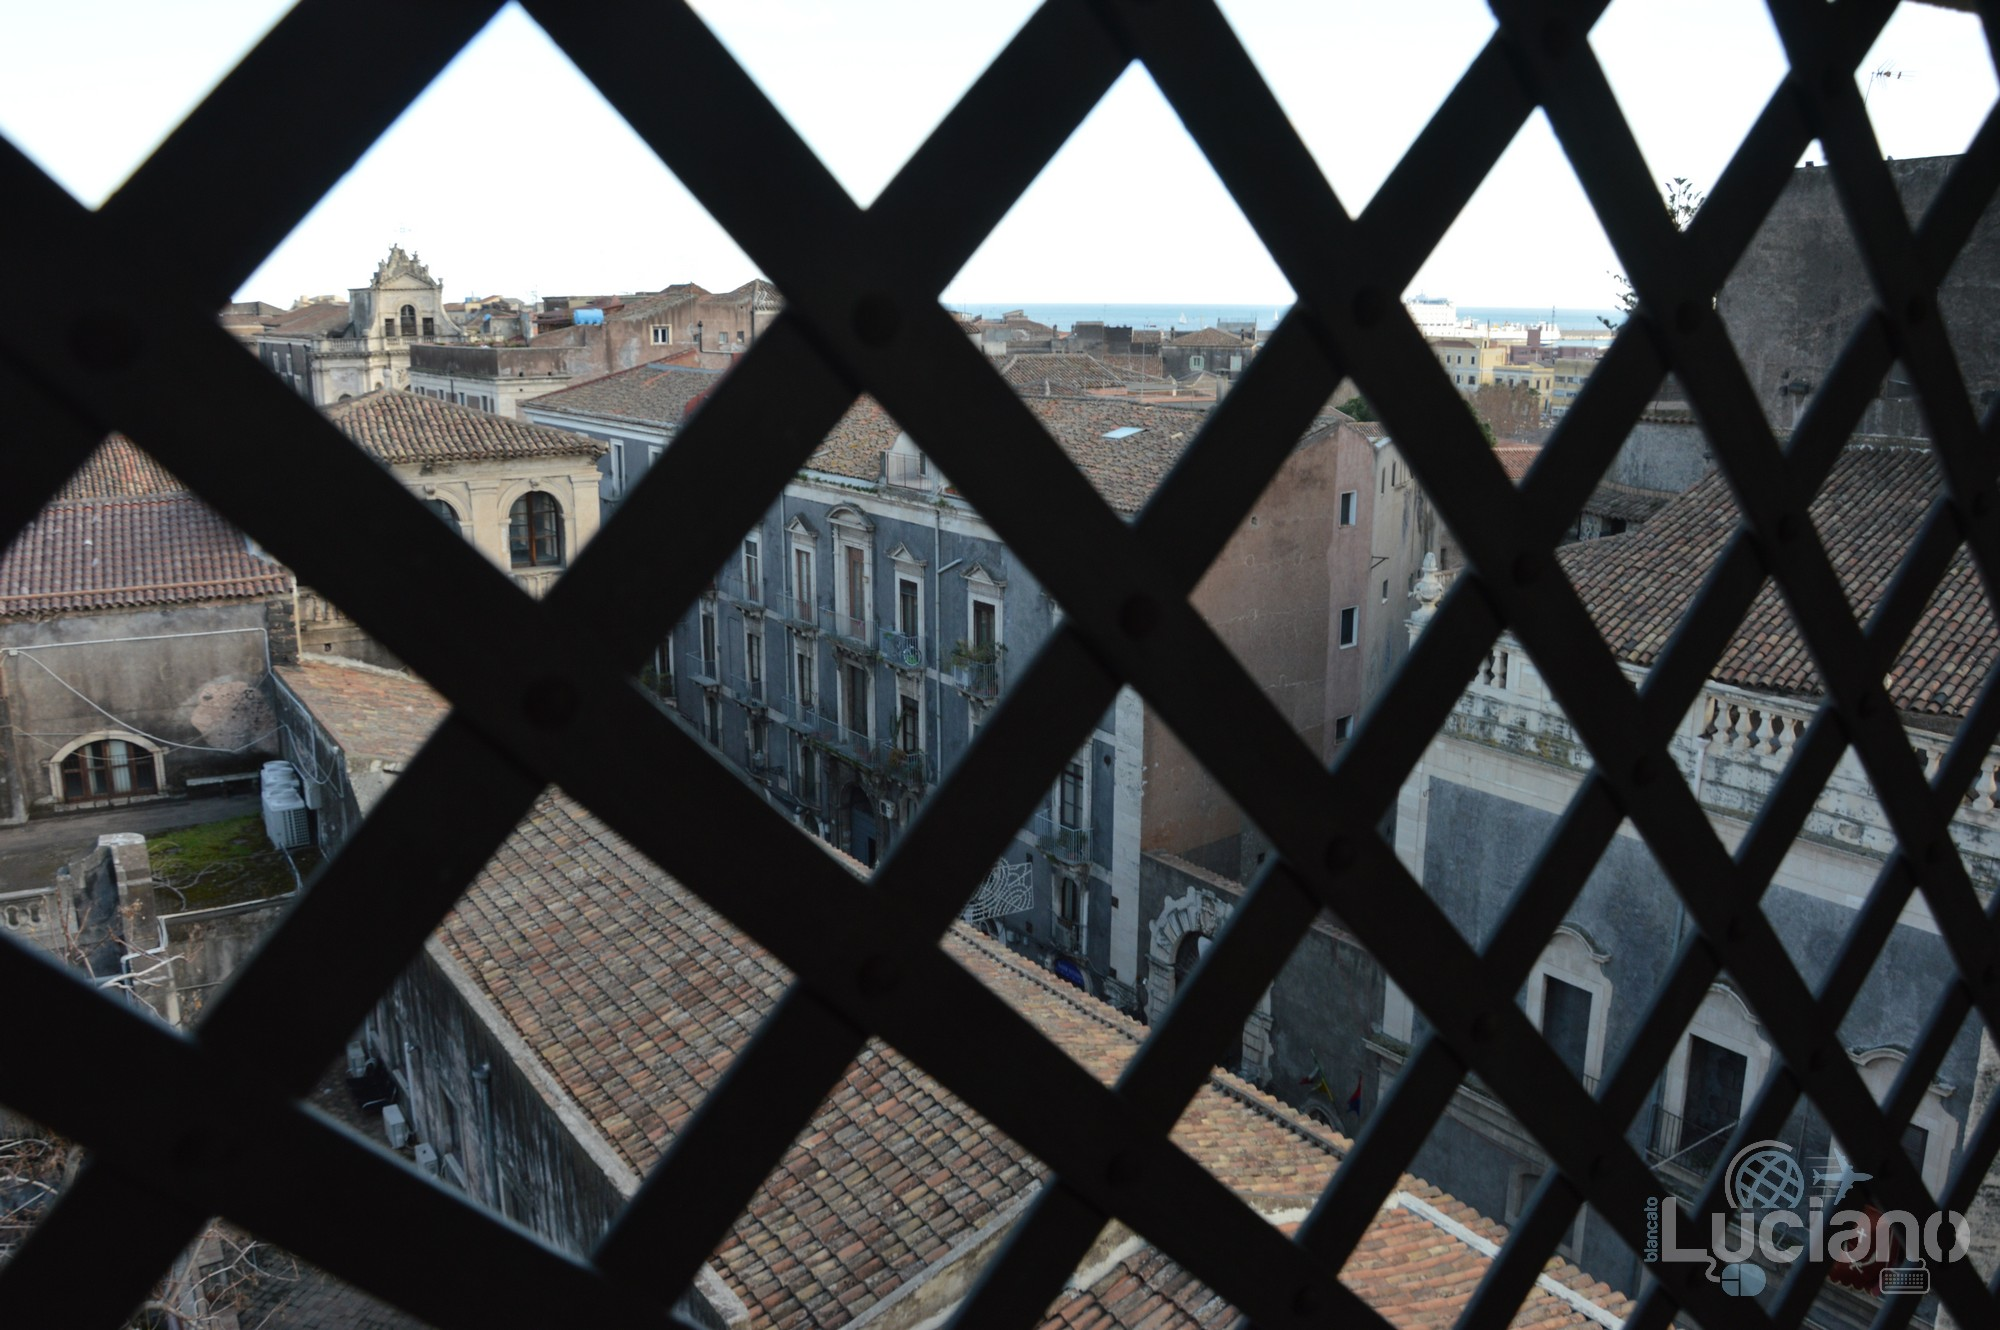 Vista dei tetti di Catania, salendo per la cupola della Chiesa della Badia di Sant'Agata, durante i festeggiamenti per Sant'Agata 2019 - Catania (CT)